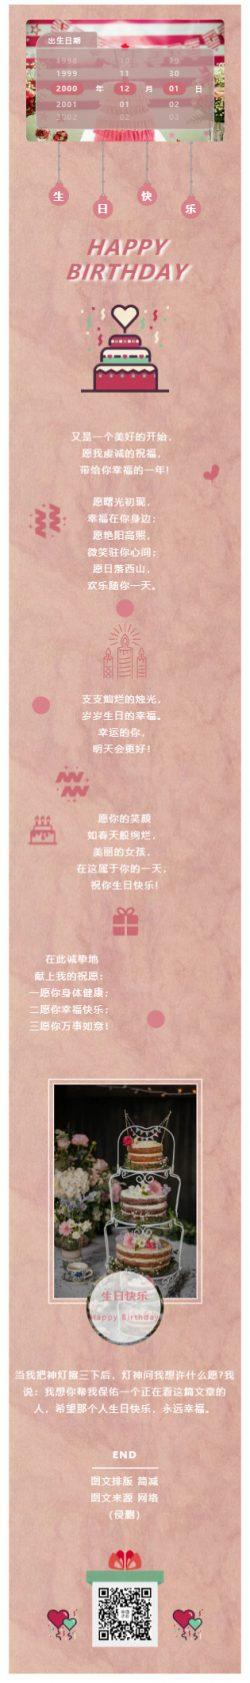 生日快乐生日祝福微信公众号文章模板